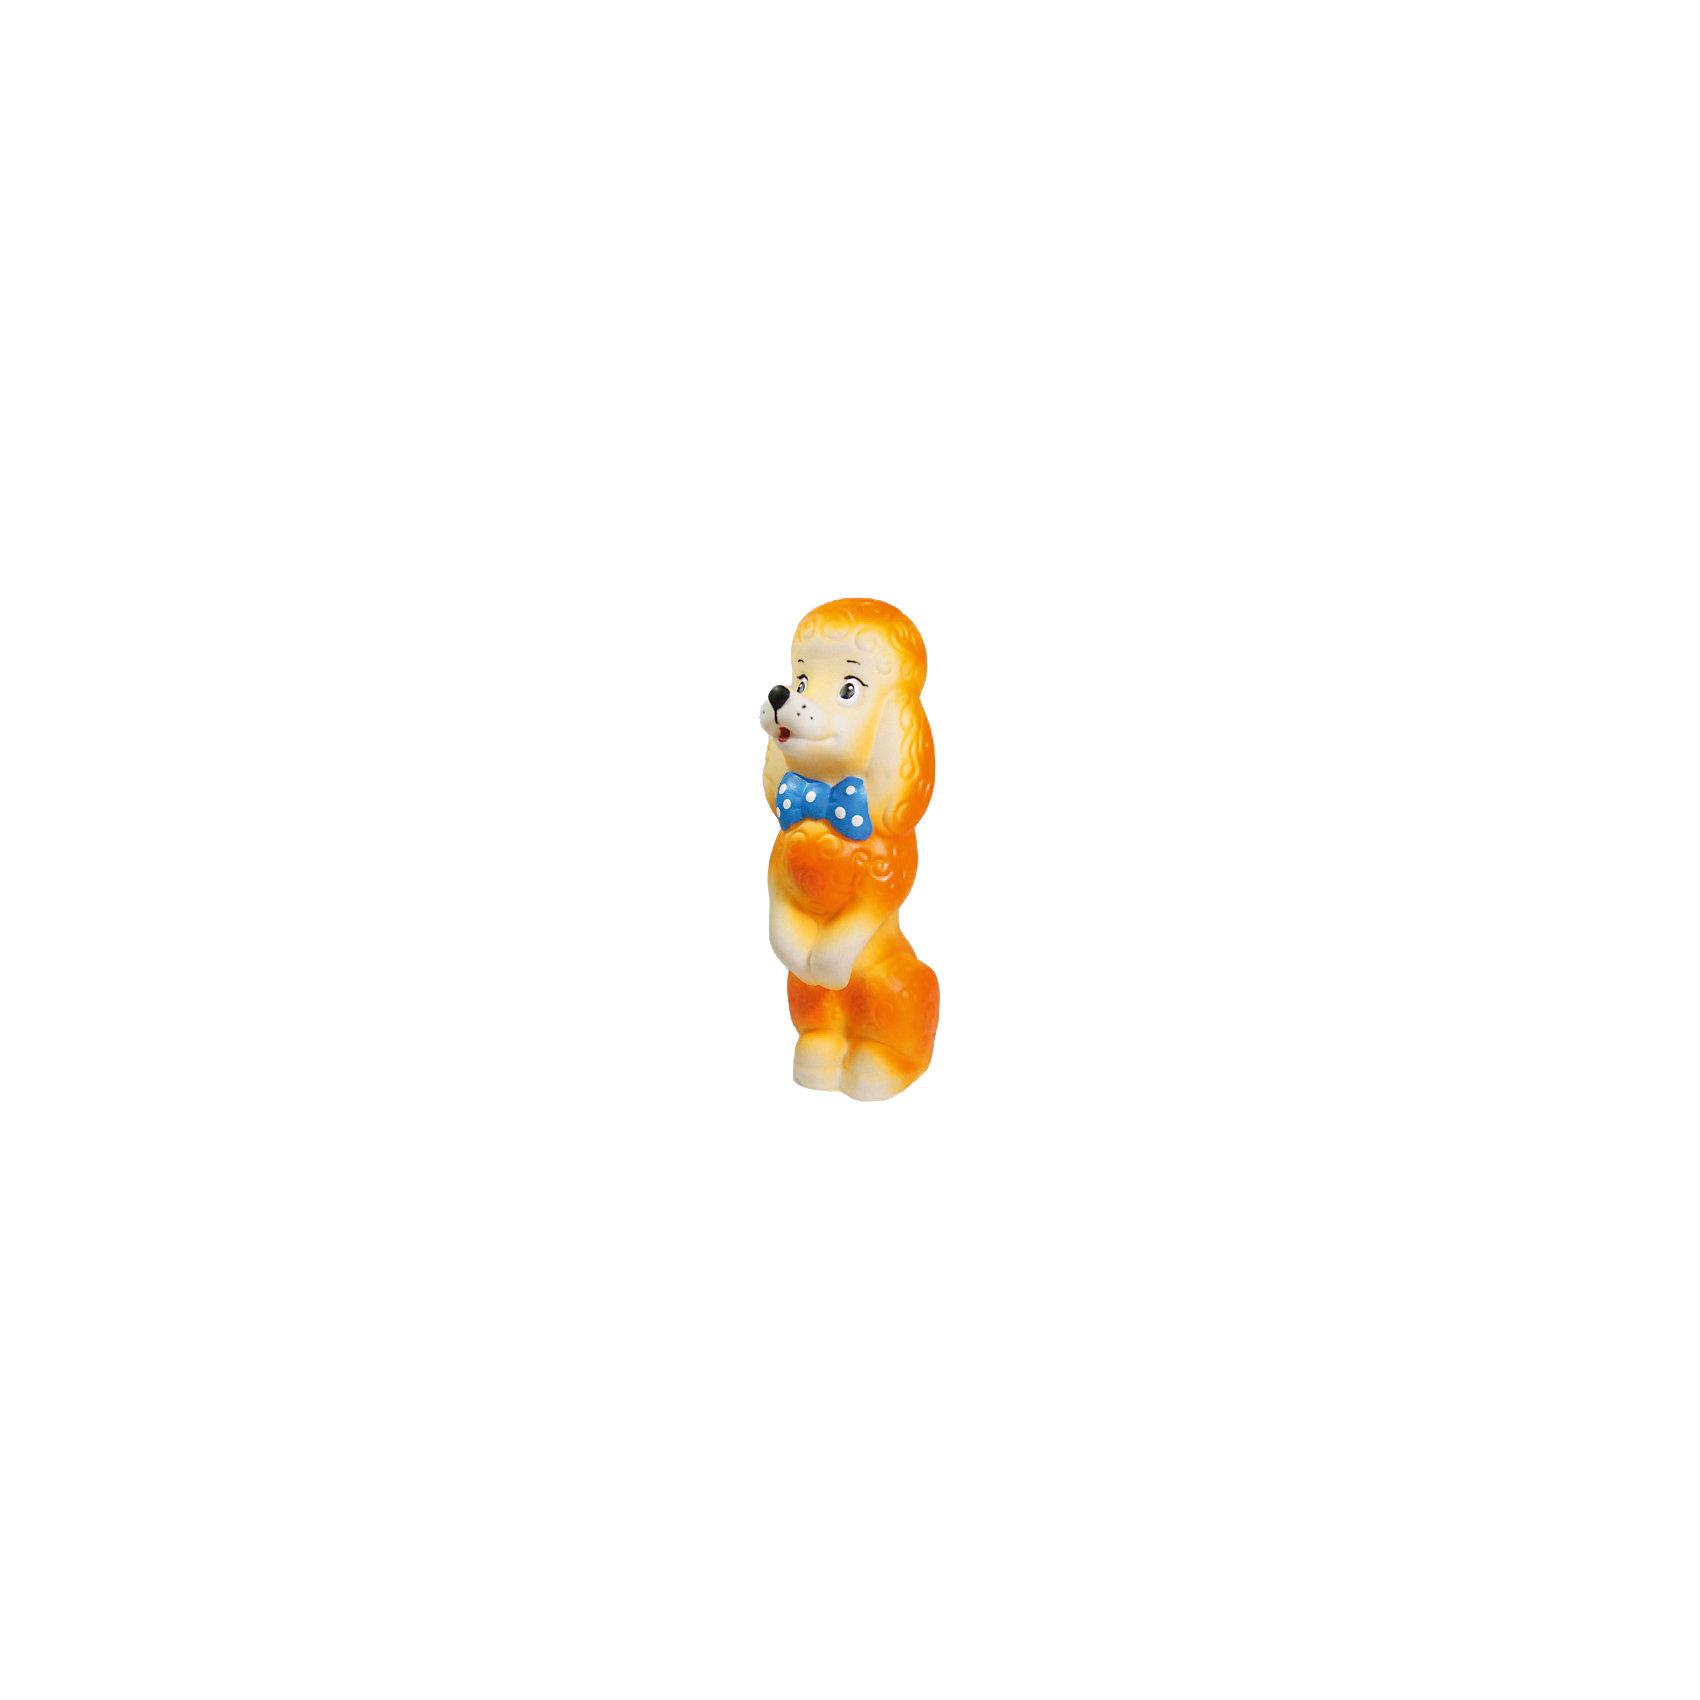 Собачка Королевский пудель, КудесникиИгрушки ПВХ<br>Собачка Королевский пудель, Кудесники<br><br>Характеристики:<br><br>• Материал: ПВХ.<br>• Размер: 3х4х14 см.<br><br>Отличная игрушка из мягкого ПВХ надолго займет внимание вашего малыша. Эта игрушка поможет малышу при прорезывании зубов, поможет развивать моторику рук, знакомить с формой, цветом, образами также с ней можно забавно поиграть в ванной. Яркий образ милой забавной собачки поможет ребенку придумывать различные сюжетно-ролевые игры.<br><br>Собачку Королевский пудель, Кудесники, можно купить в нашем интернет – магазине.<br><br>Ширина мм: 30<br>Глубина мм: 40<br>Высота мм: 140<br>Вес г: 82<br>Возраст от месяцев: 12<br>Возраст до месяцев: 36<br>Пол: Унисекс<br>Возраст: Детский<br>SKU: 4896444